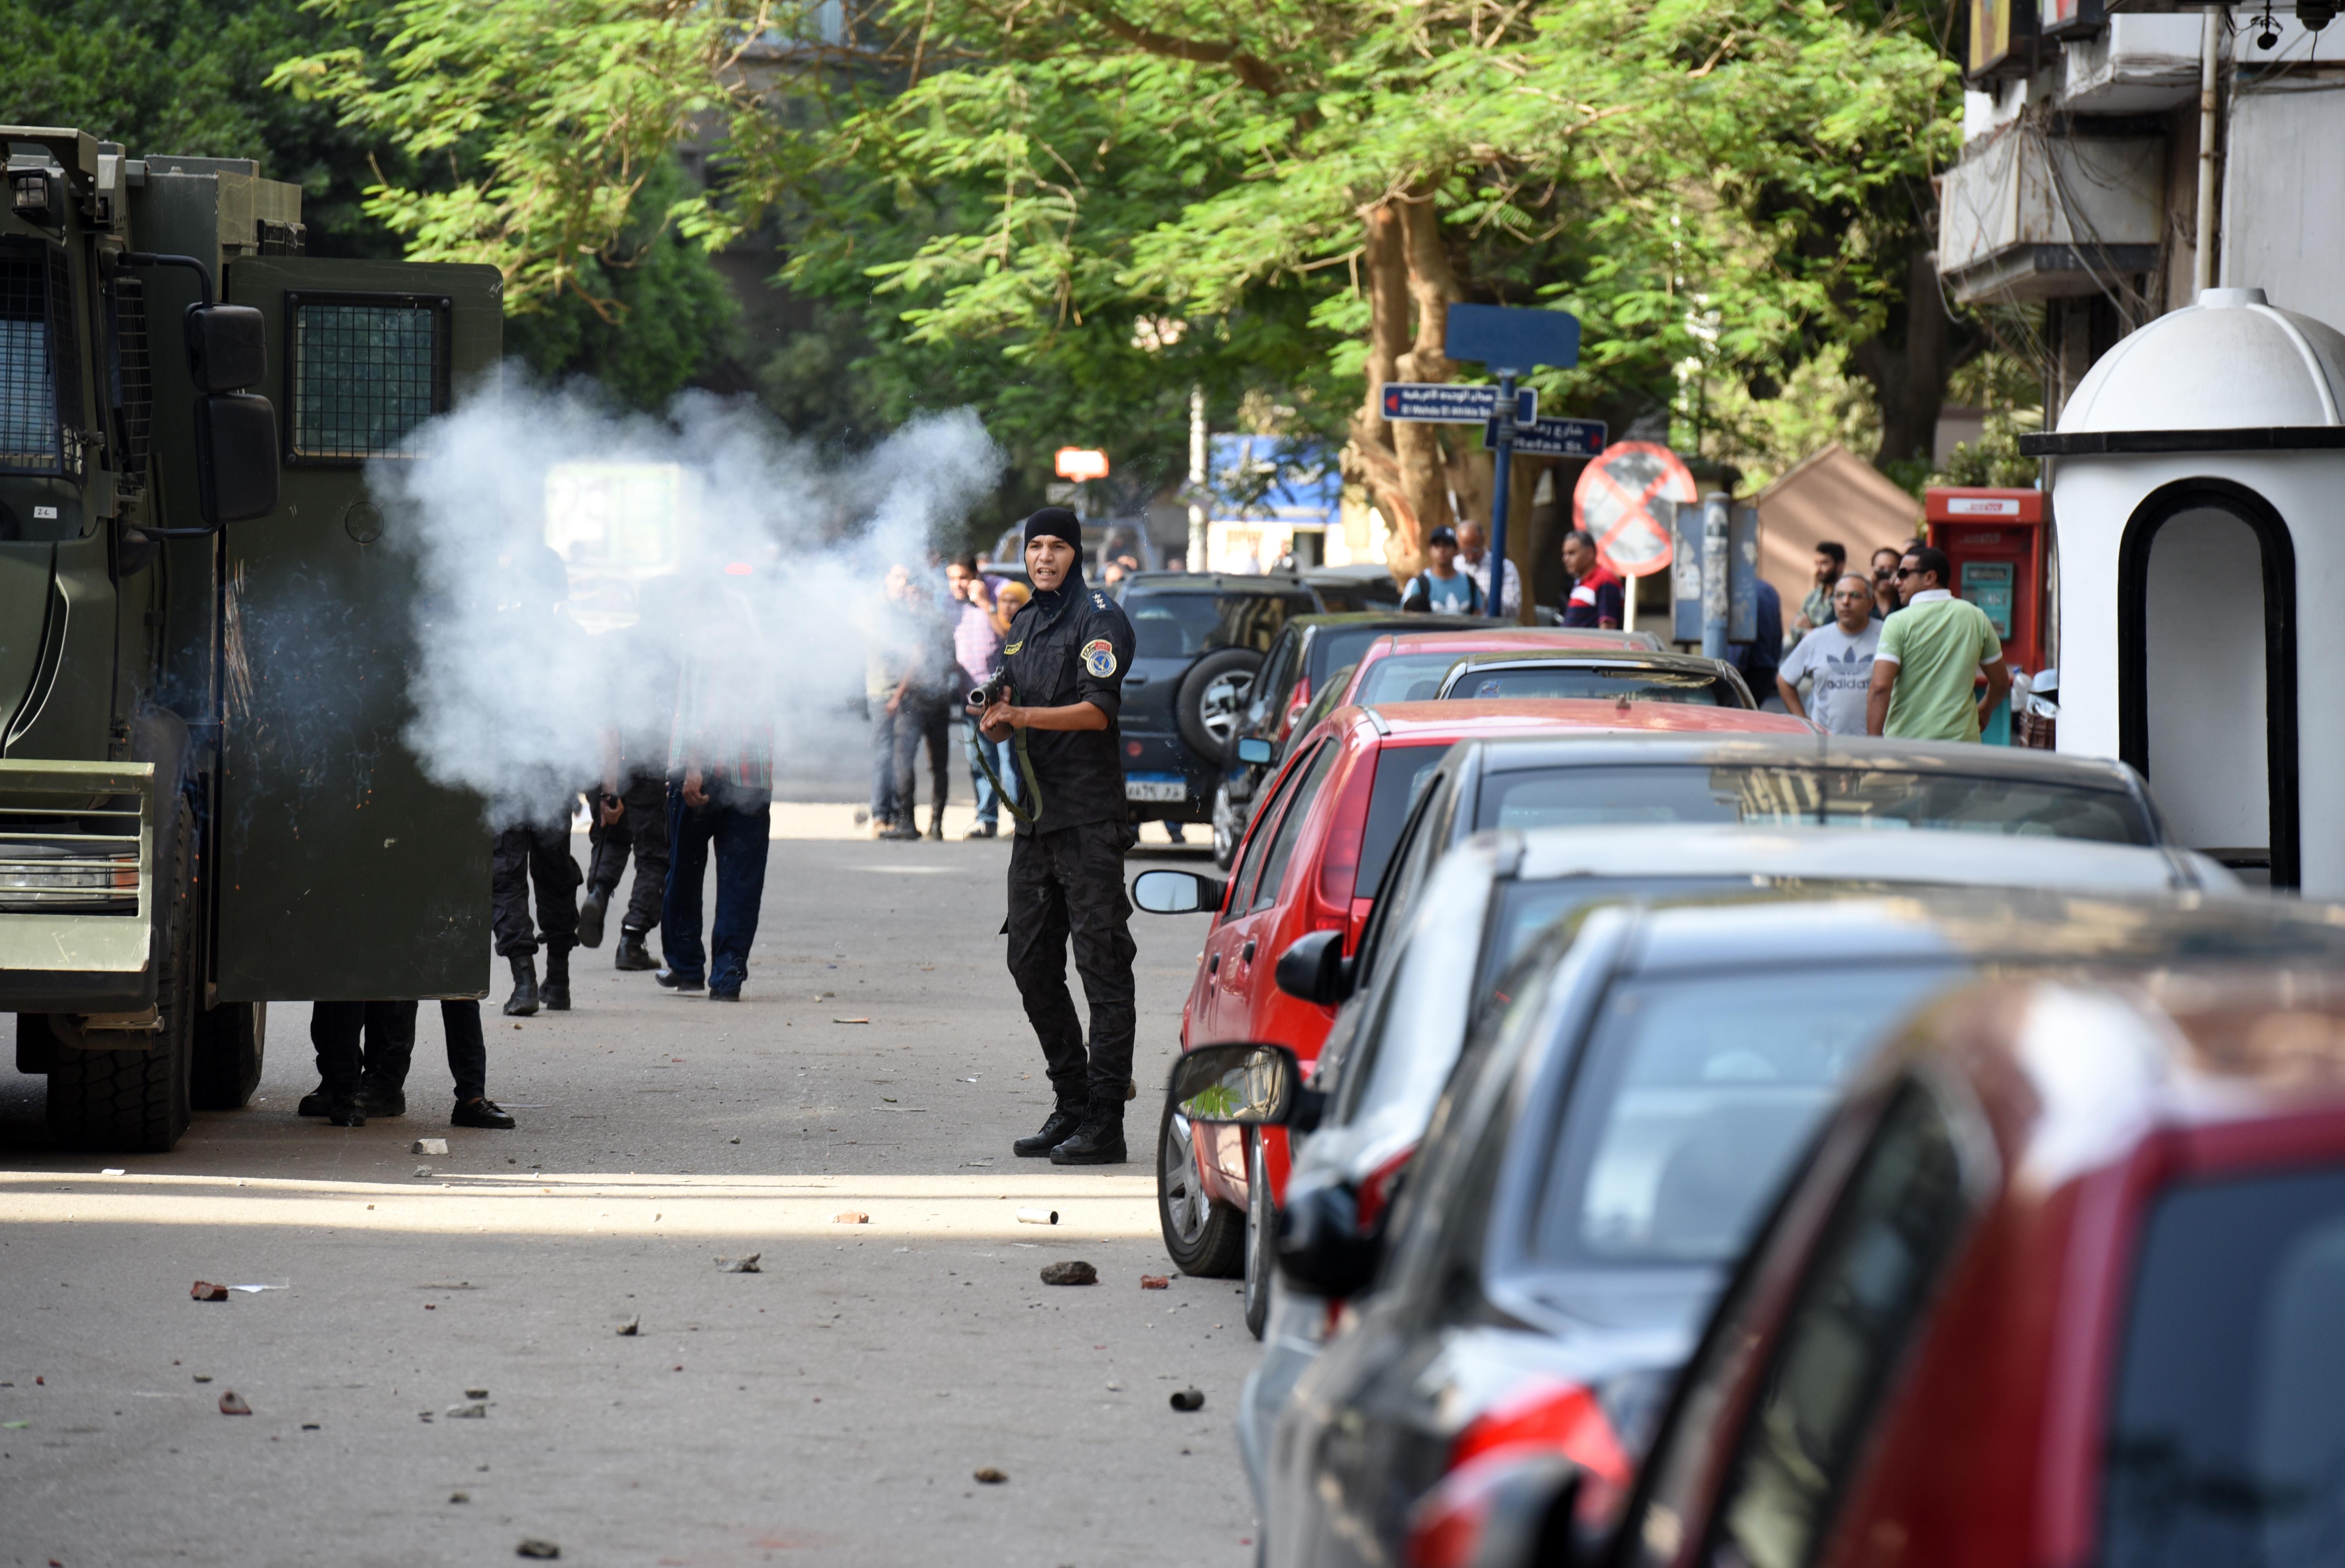 الشرطة المصرية تطلق الغاز المسيل للدموع على متظاهرين ضد اتفاقية ترسيم الحدود البحرية مع السعودية